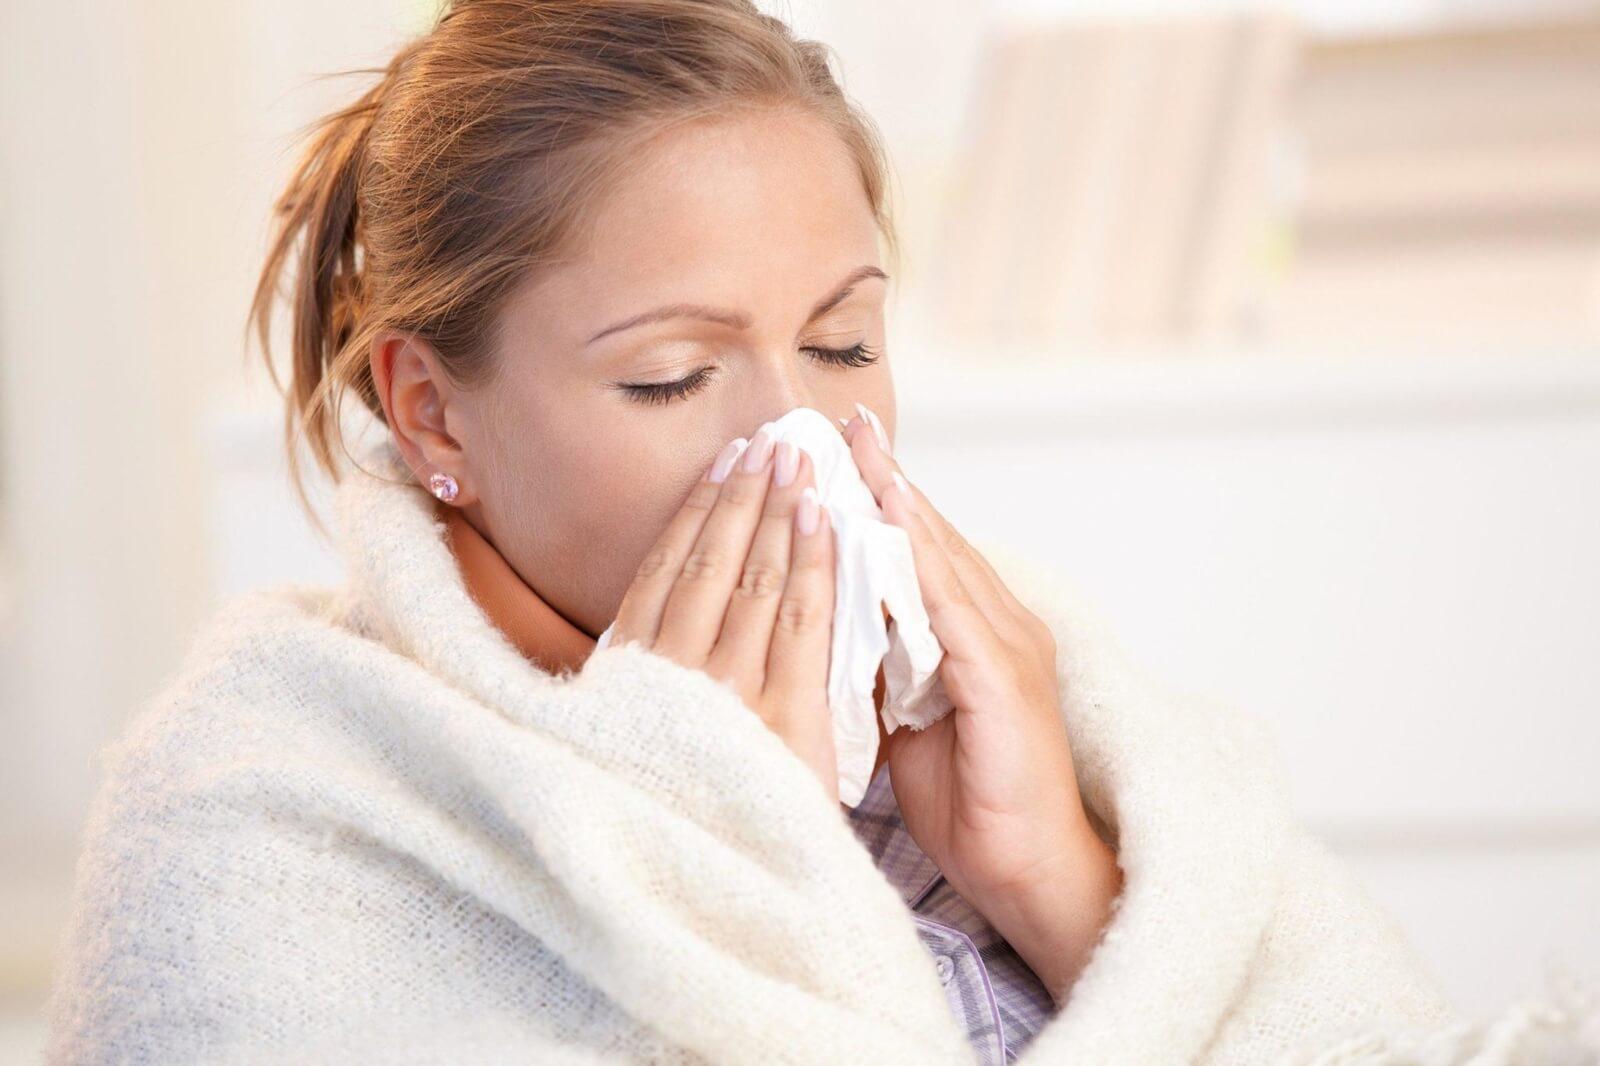 Врач отоларинголог: рецидивирующее носовое кровотечение – причины и лечение